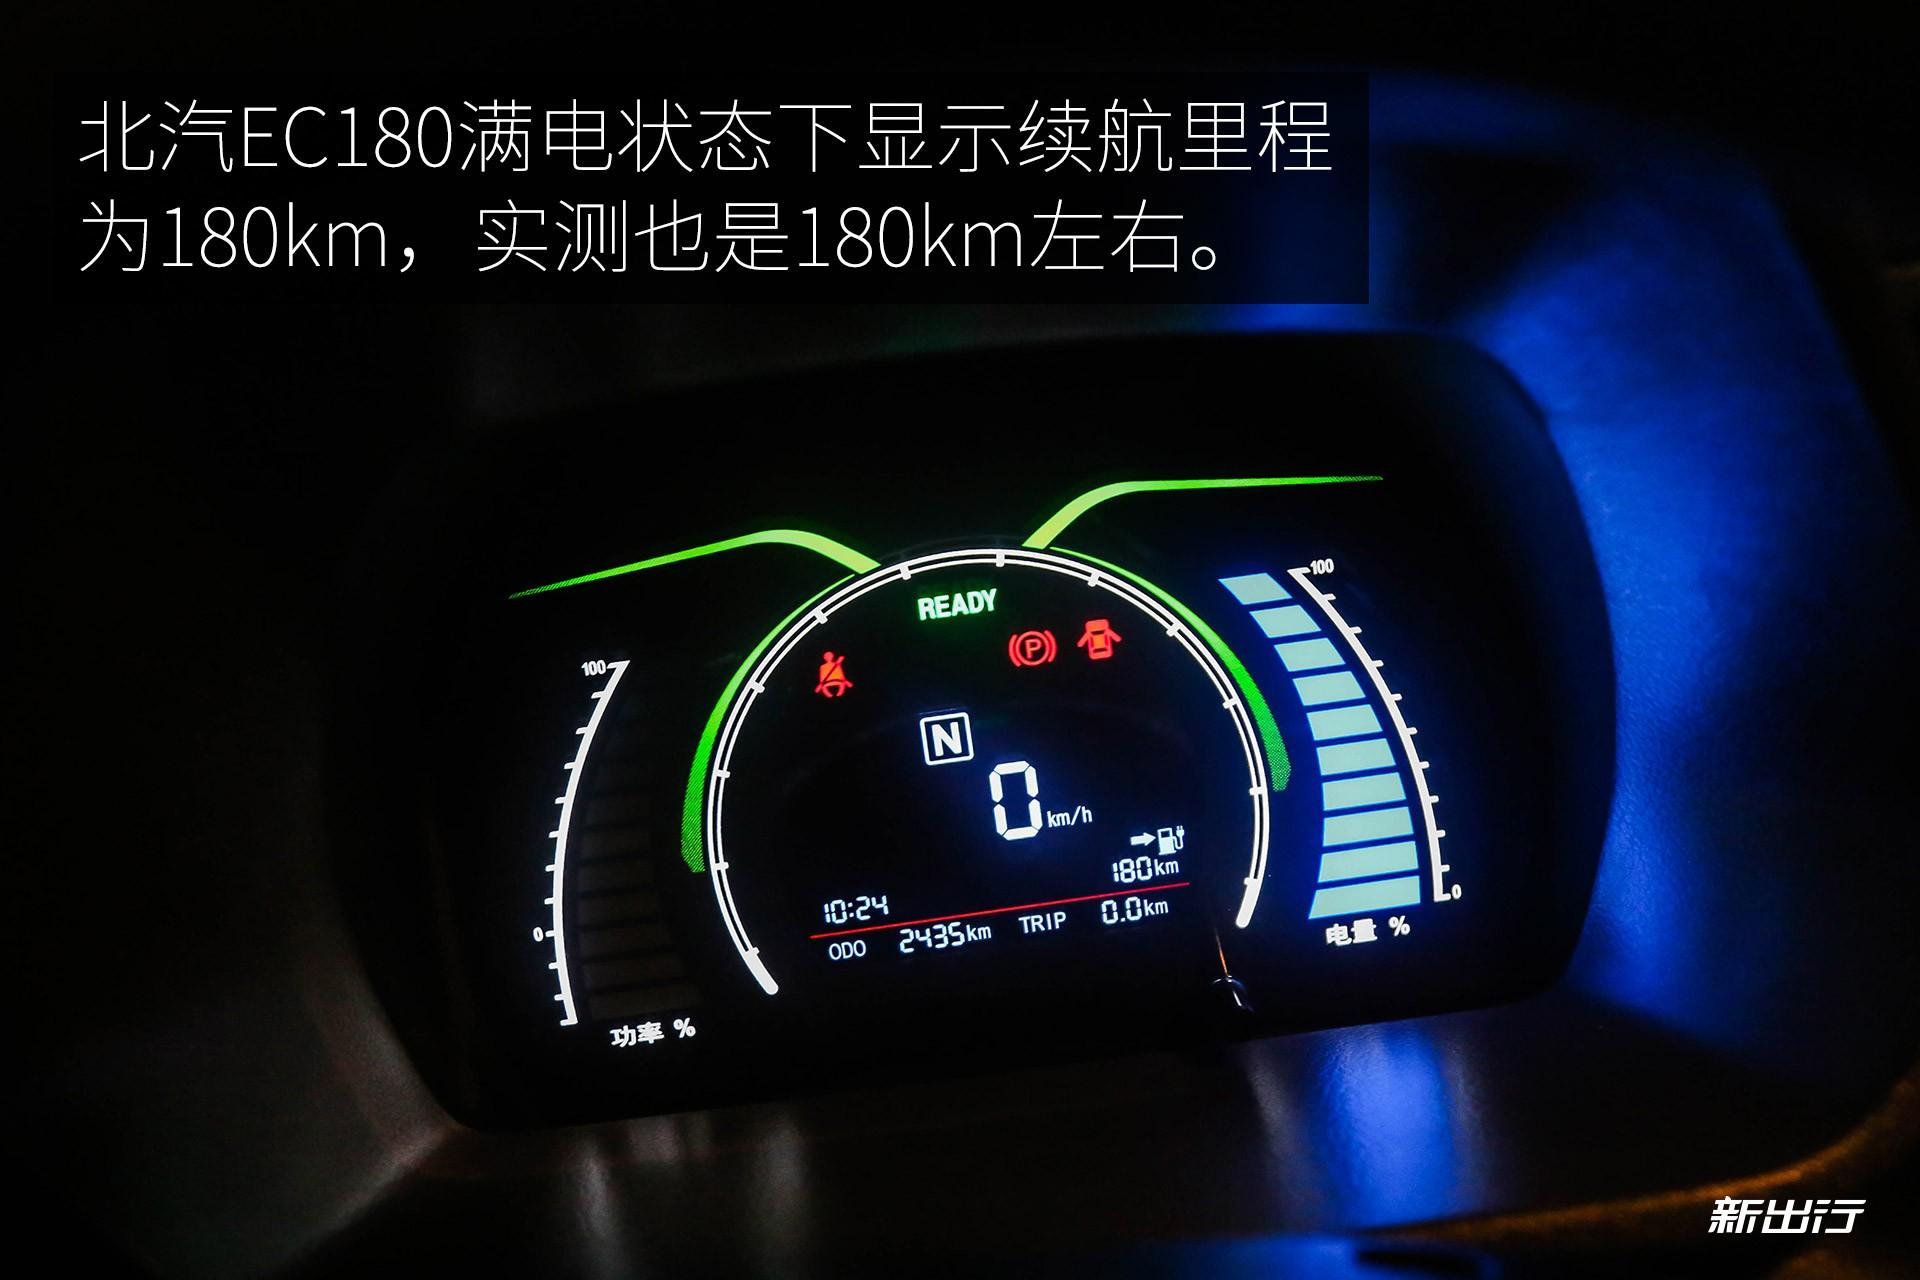 17-新出行5辆微型电动车横评.jpg